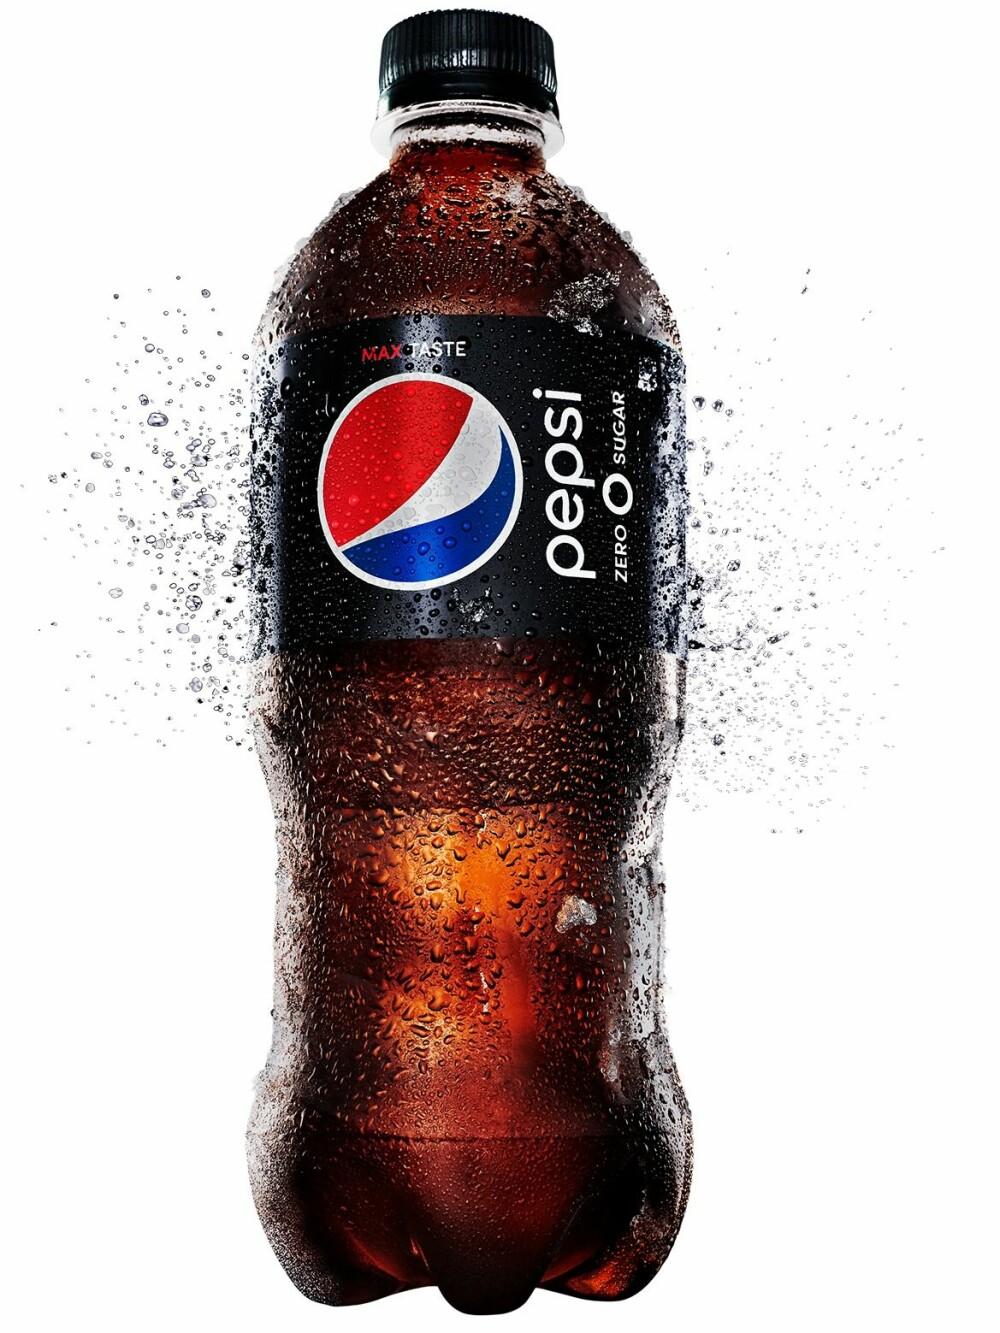 Pepsi Max!